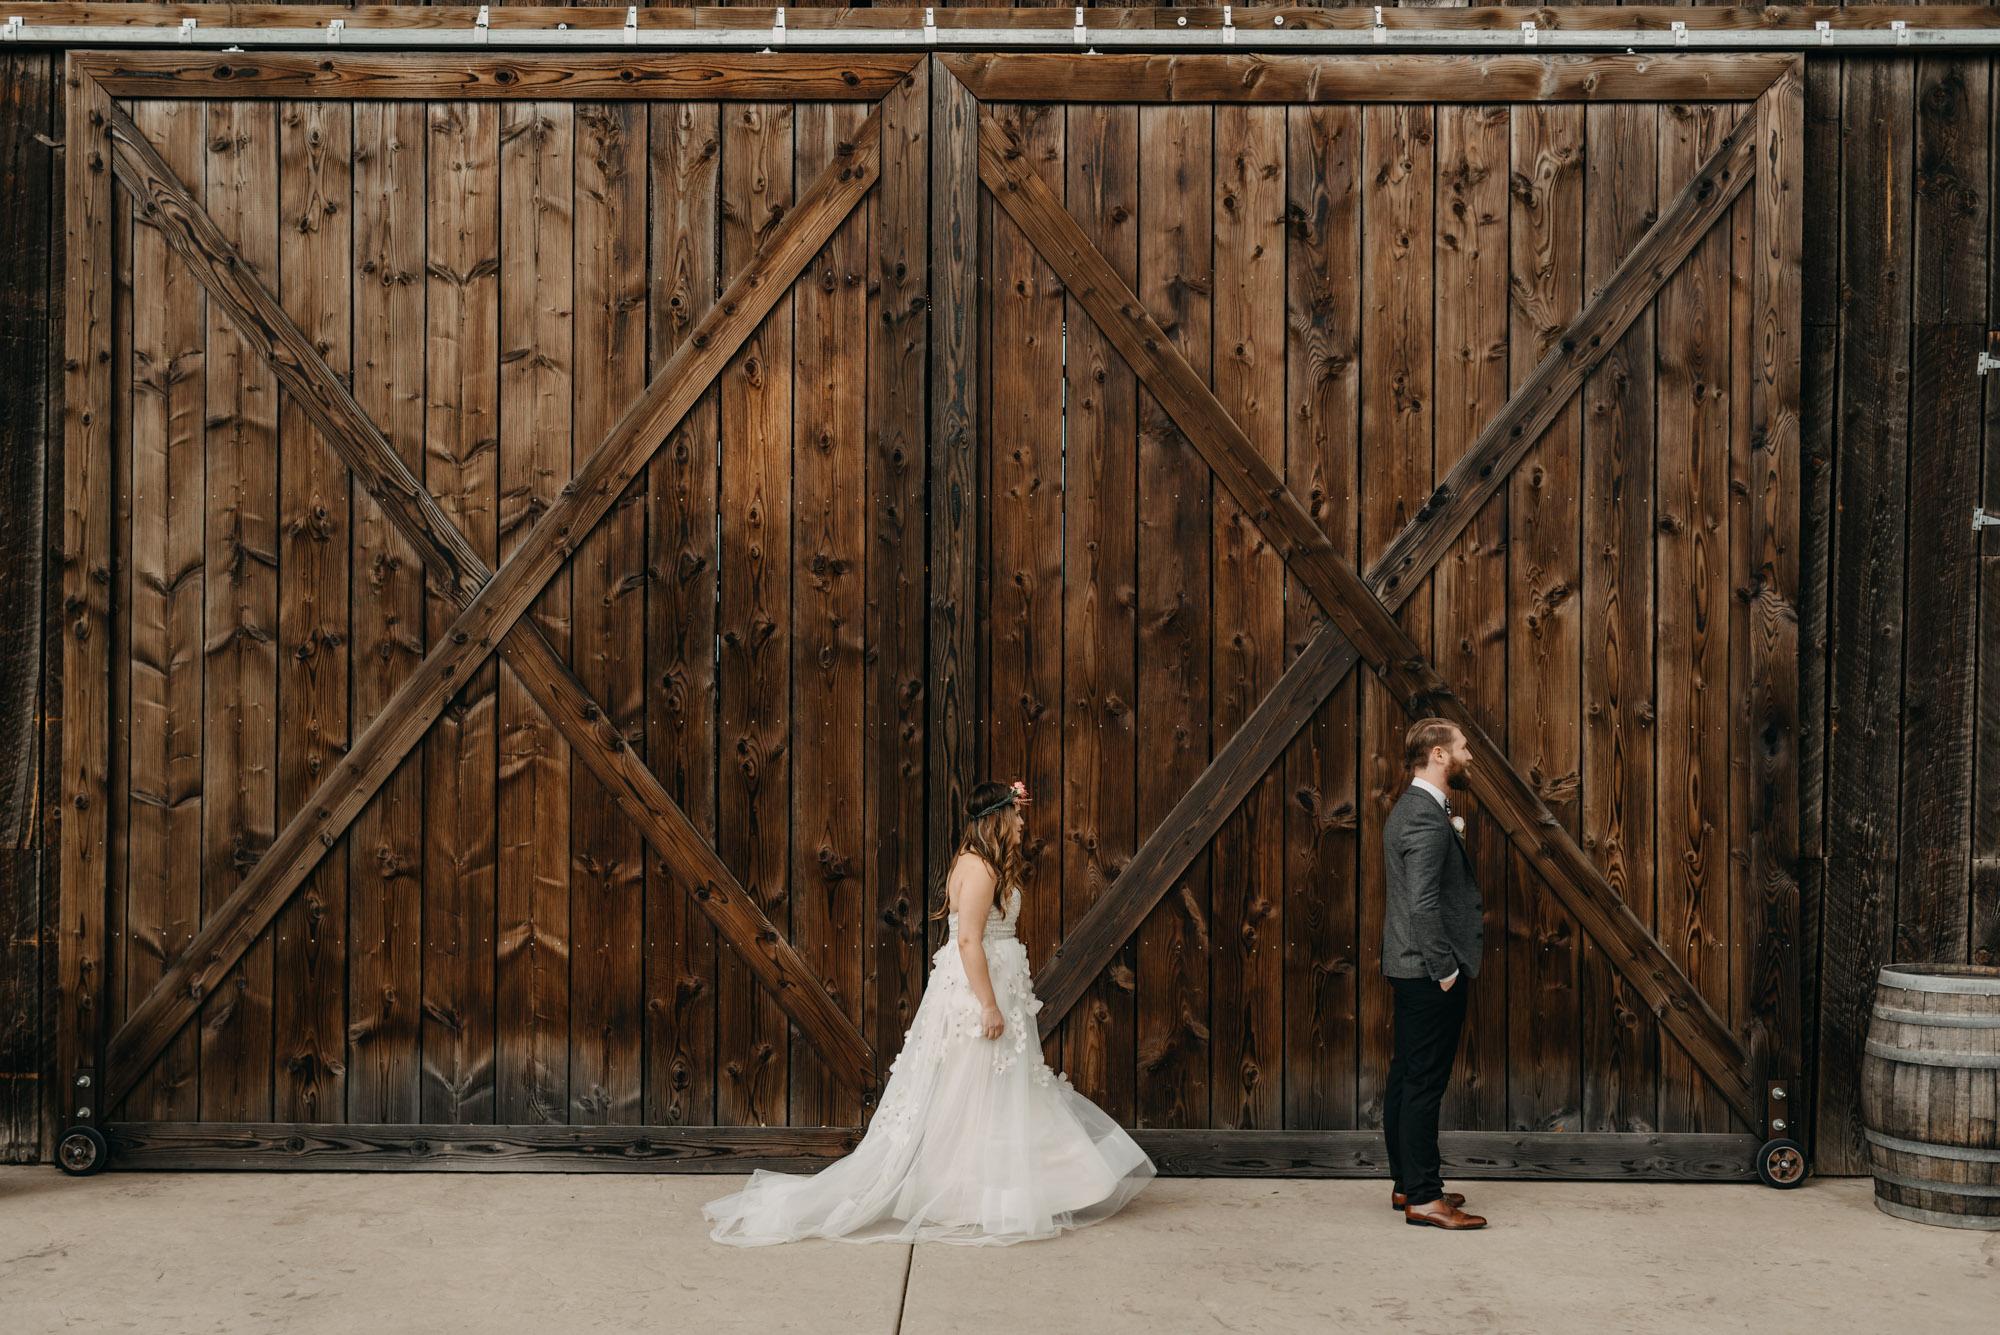 Outdoor-First-Look-Washington-Wedding-Barn-Door-8063.jpg